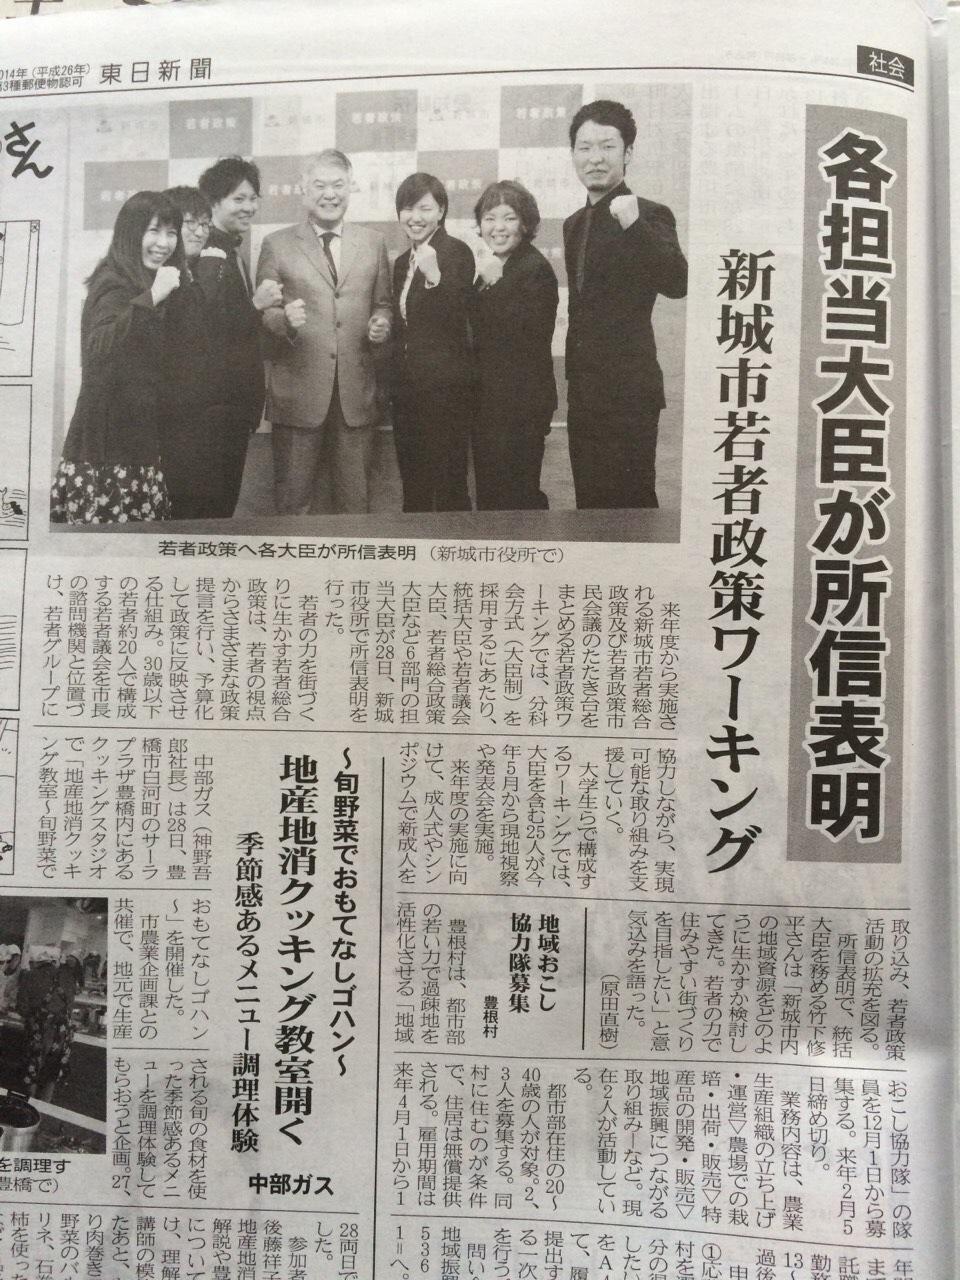 【愛知県新城市】若者ワーキングの大臣制が新聞で取り上げられているよ! (4)